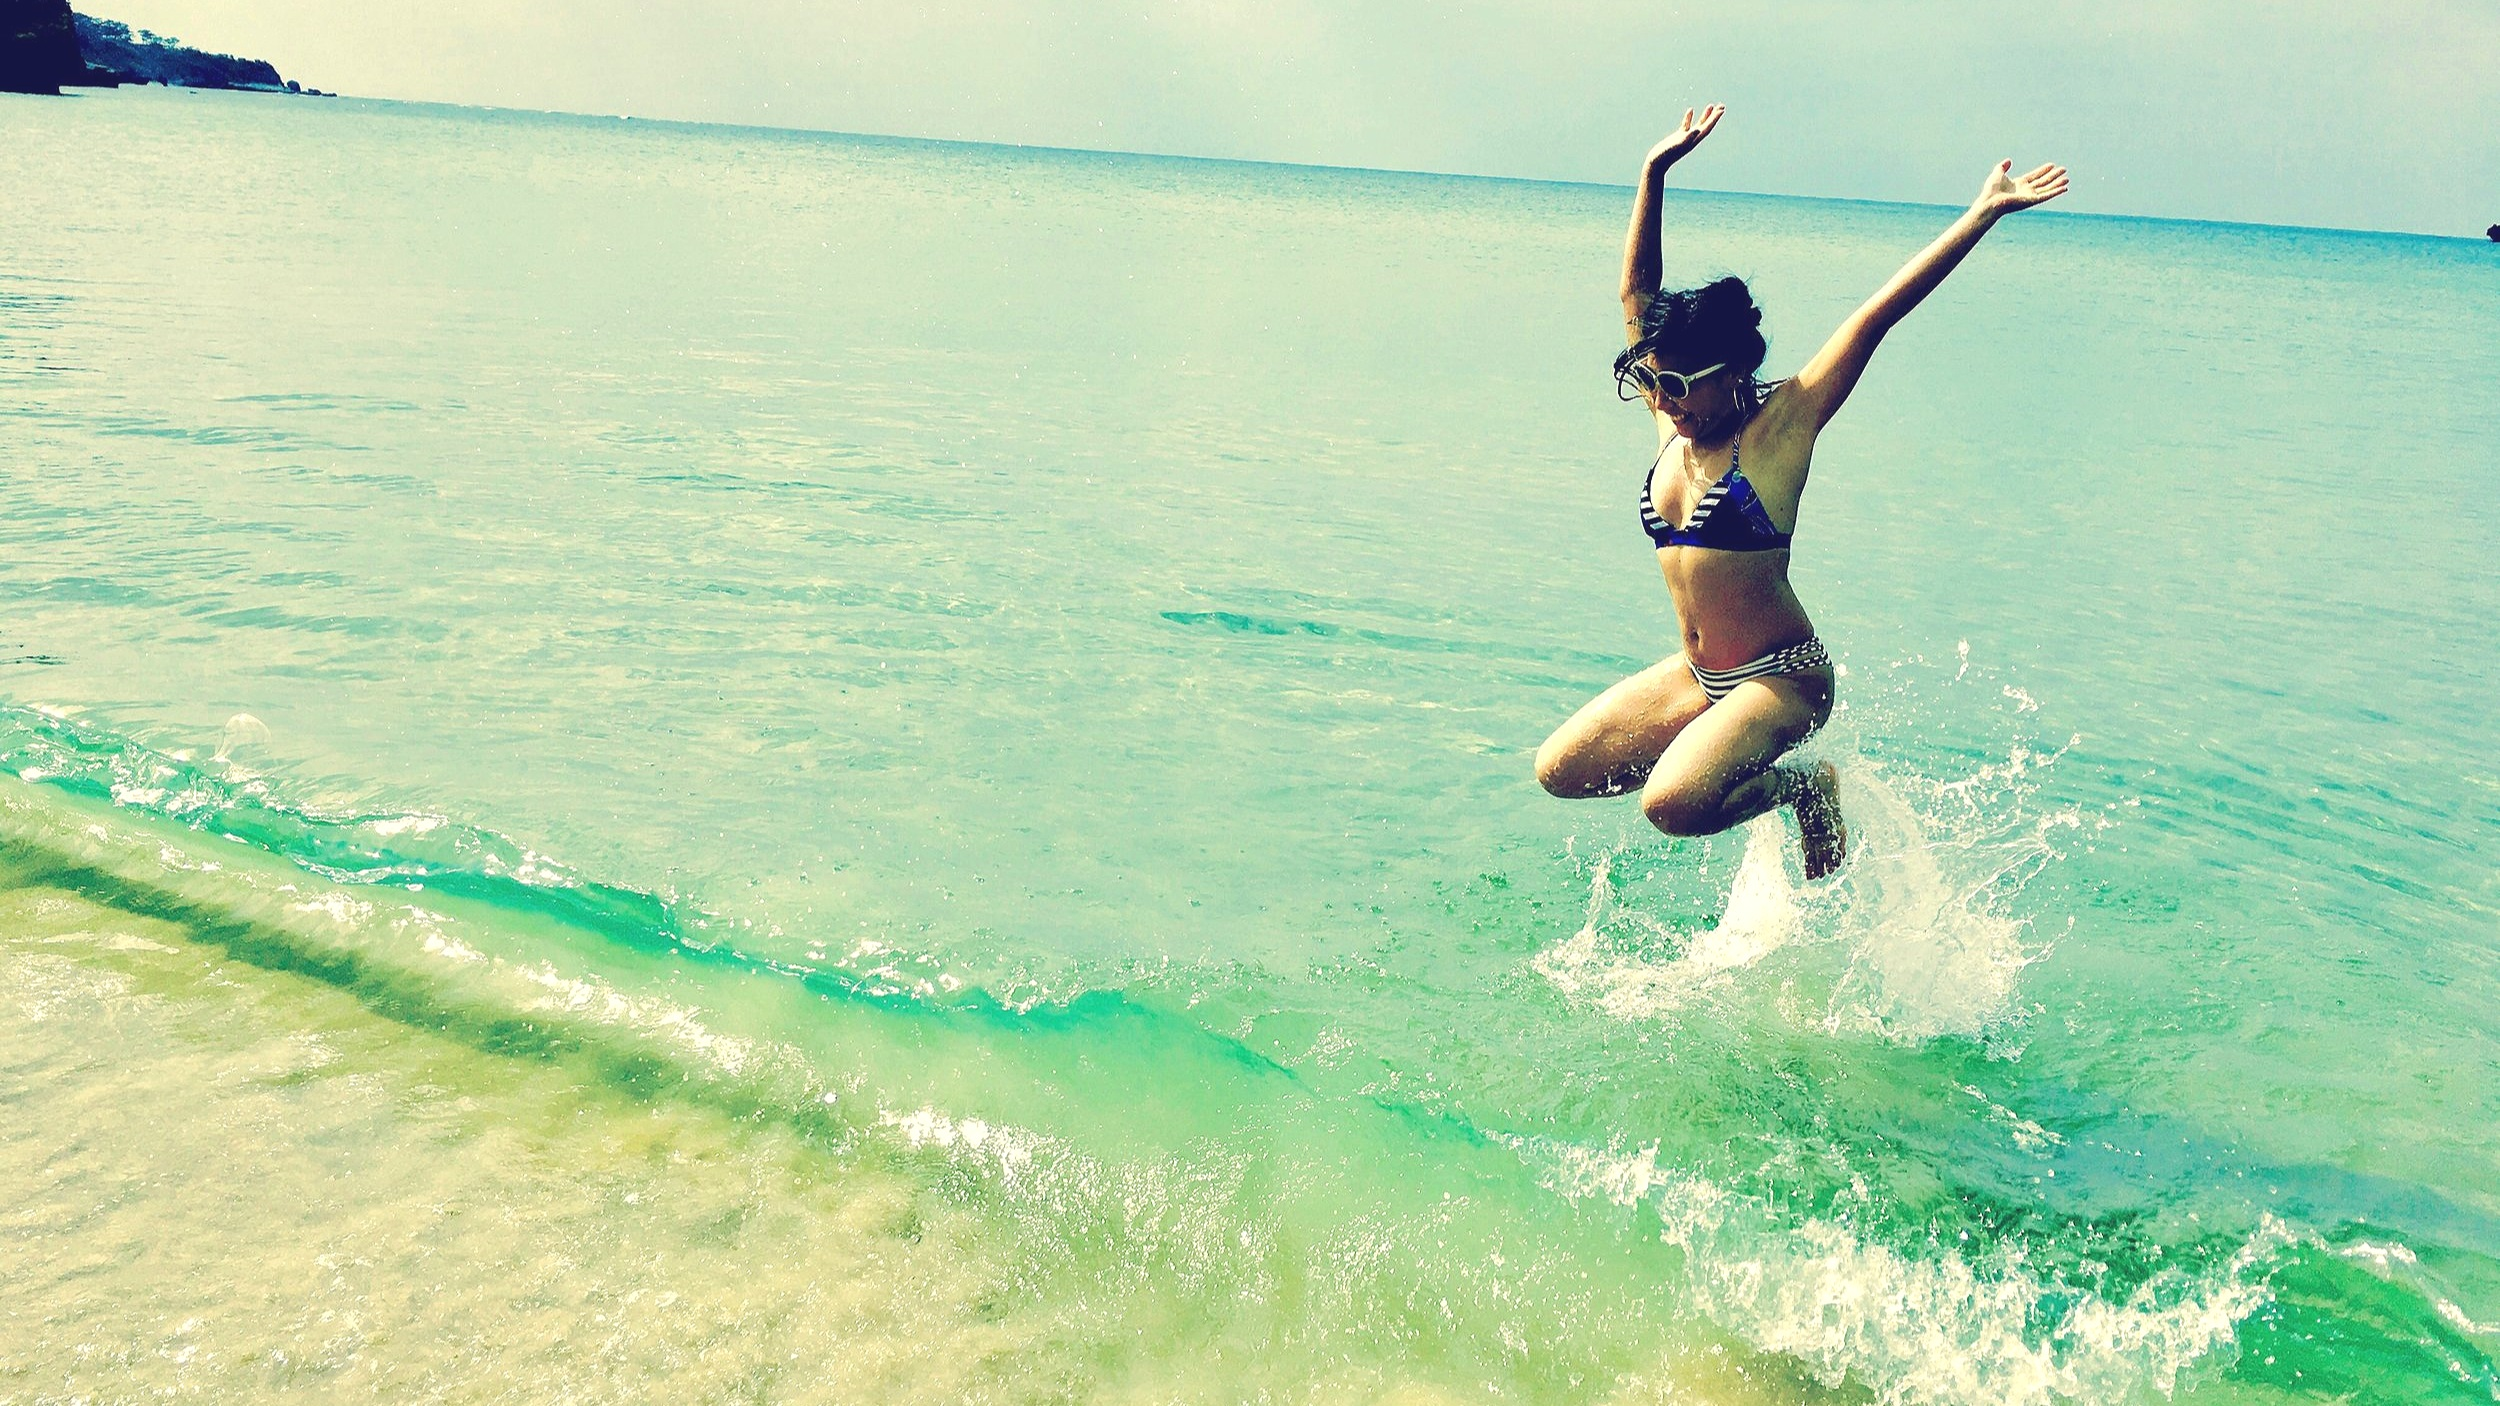 Eri_jumping_in_ocean_iriomote.jpg